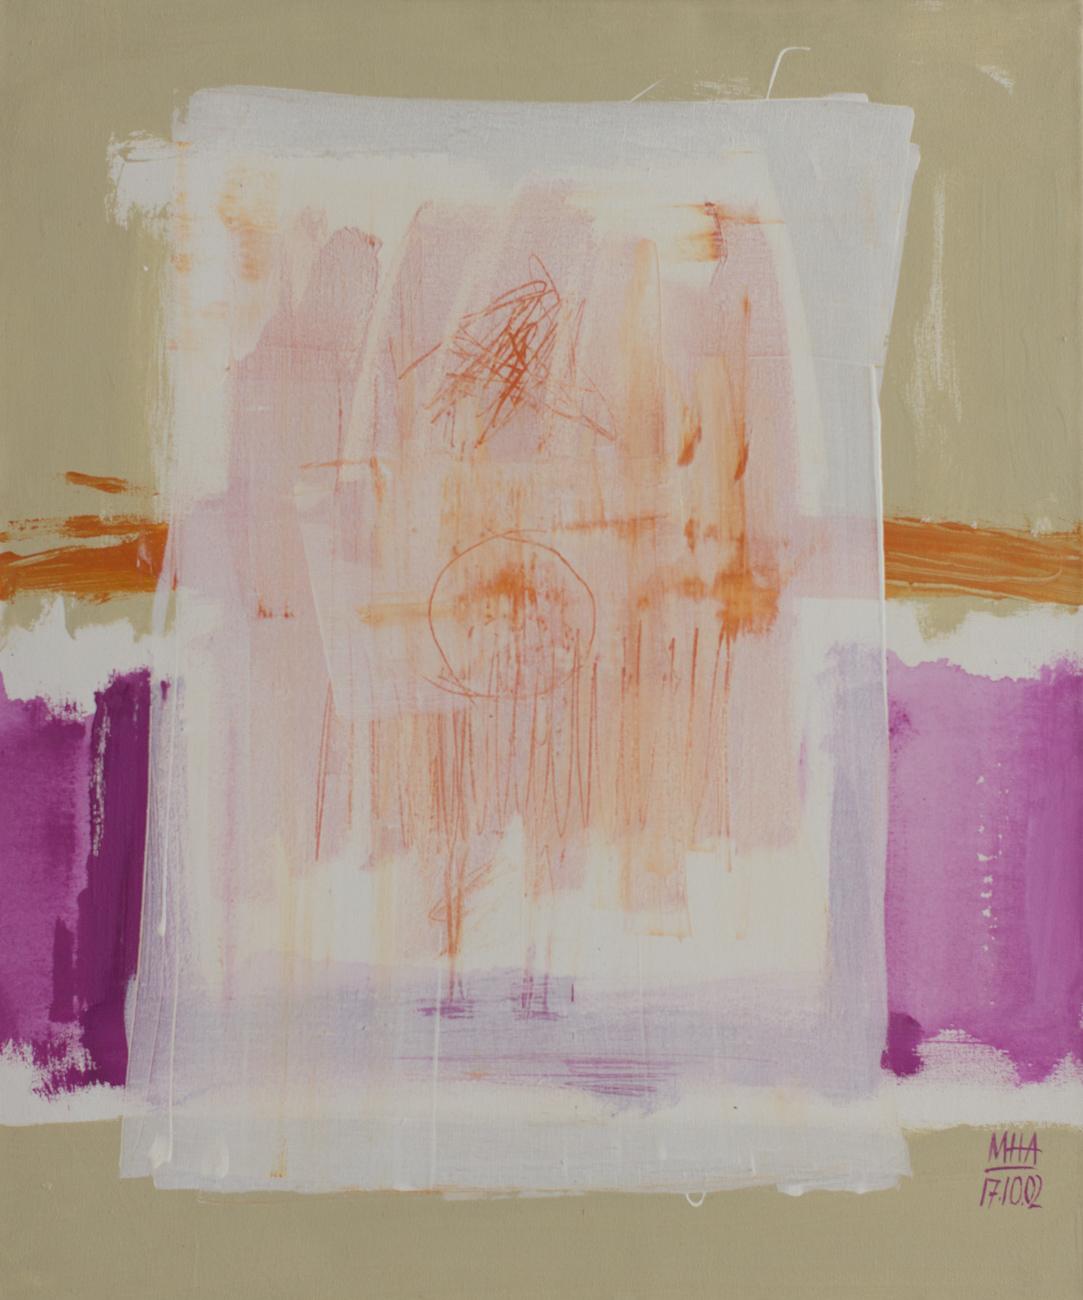 Tapiz 1 , 2002,Acryl auf Leinwand, 50x60 cm